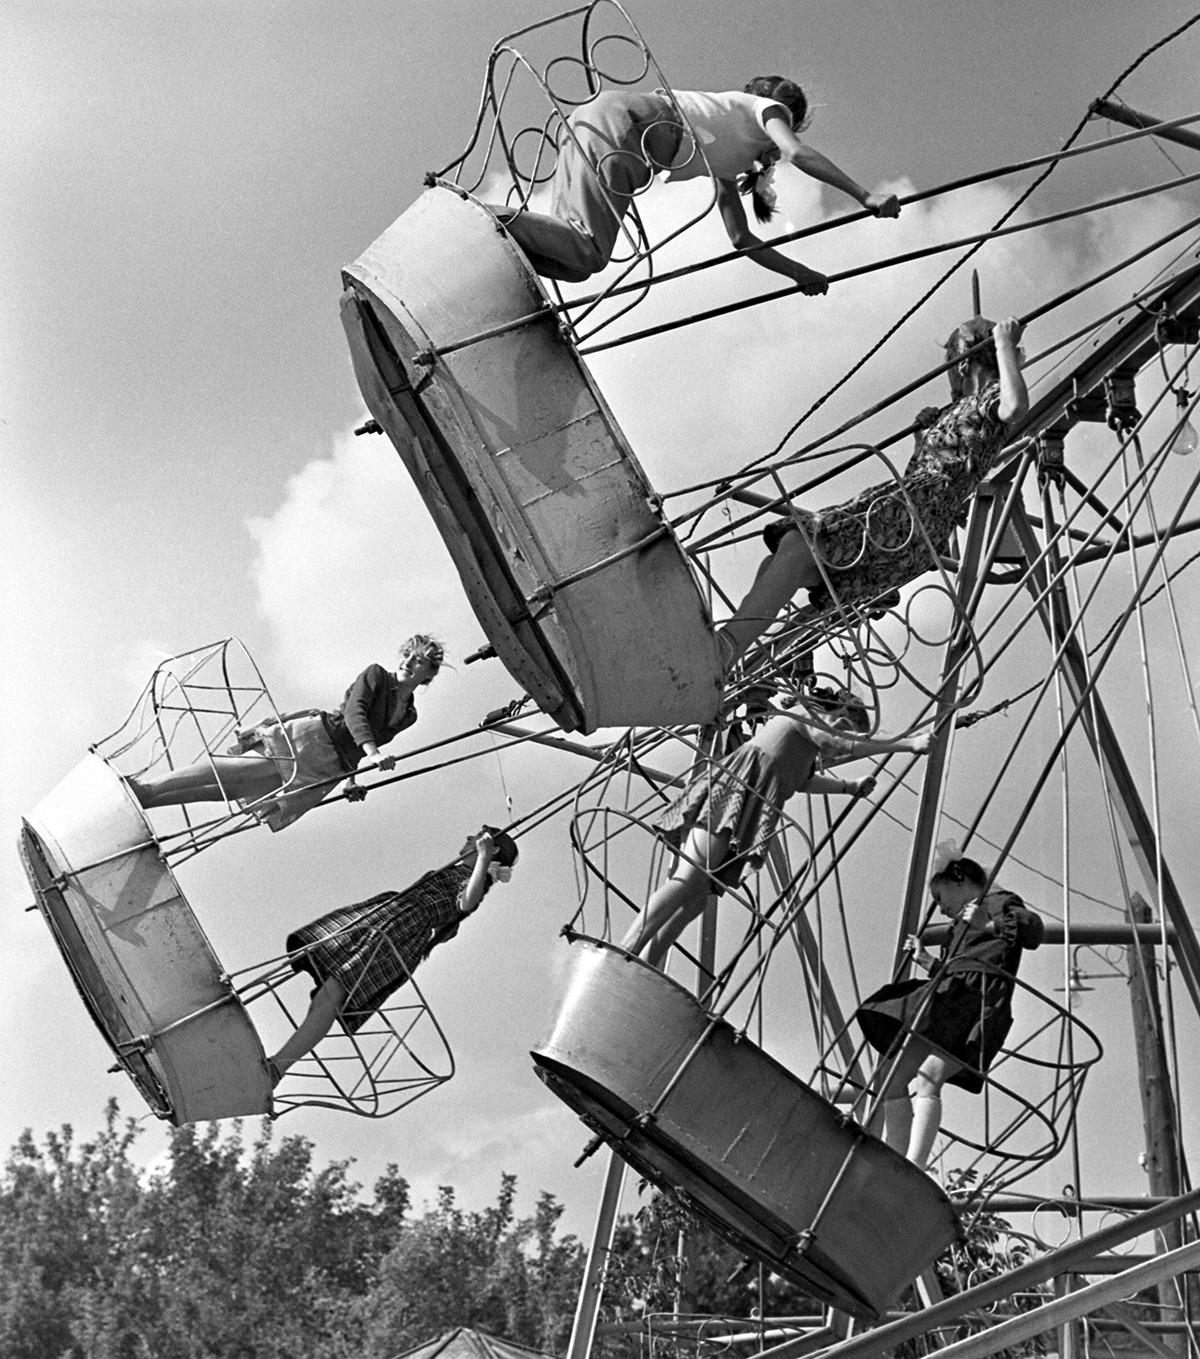 Атракционни лодки в Саратов, 1962 година